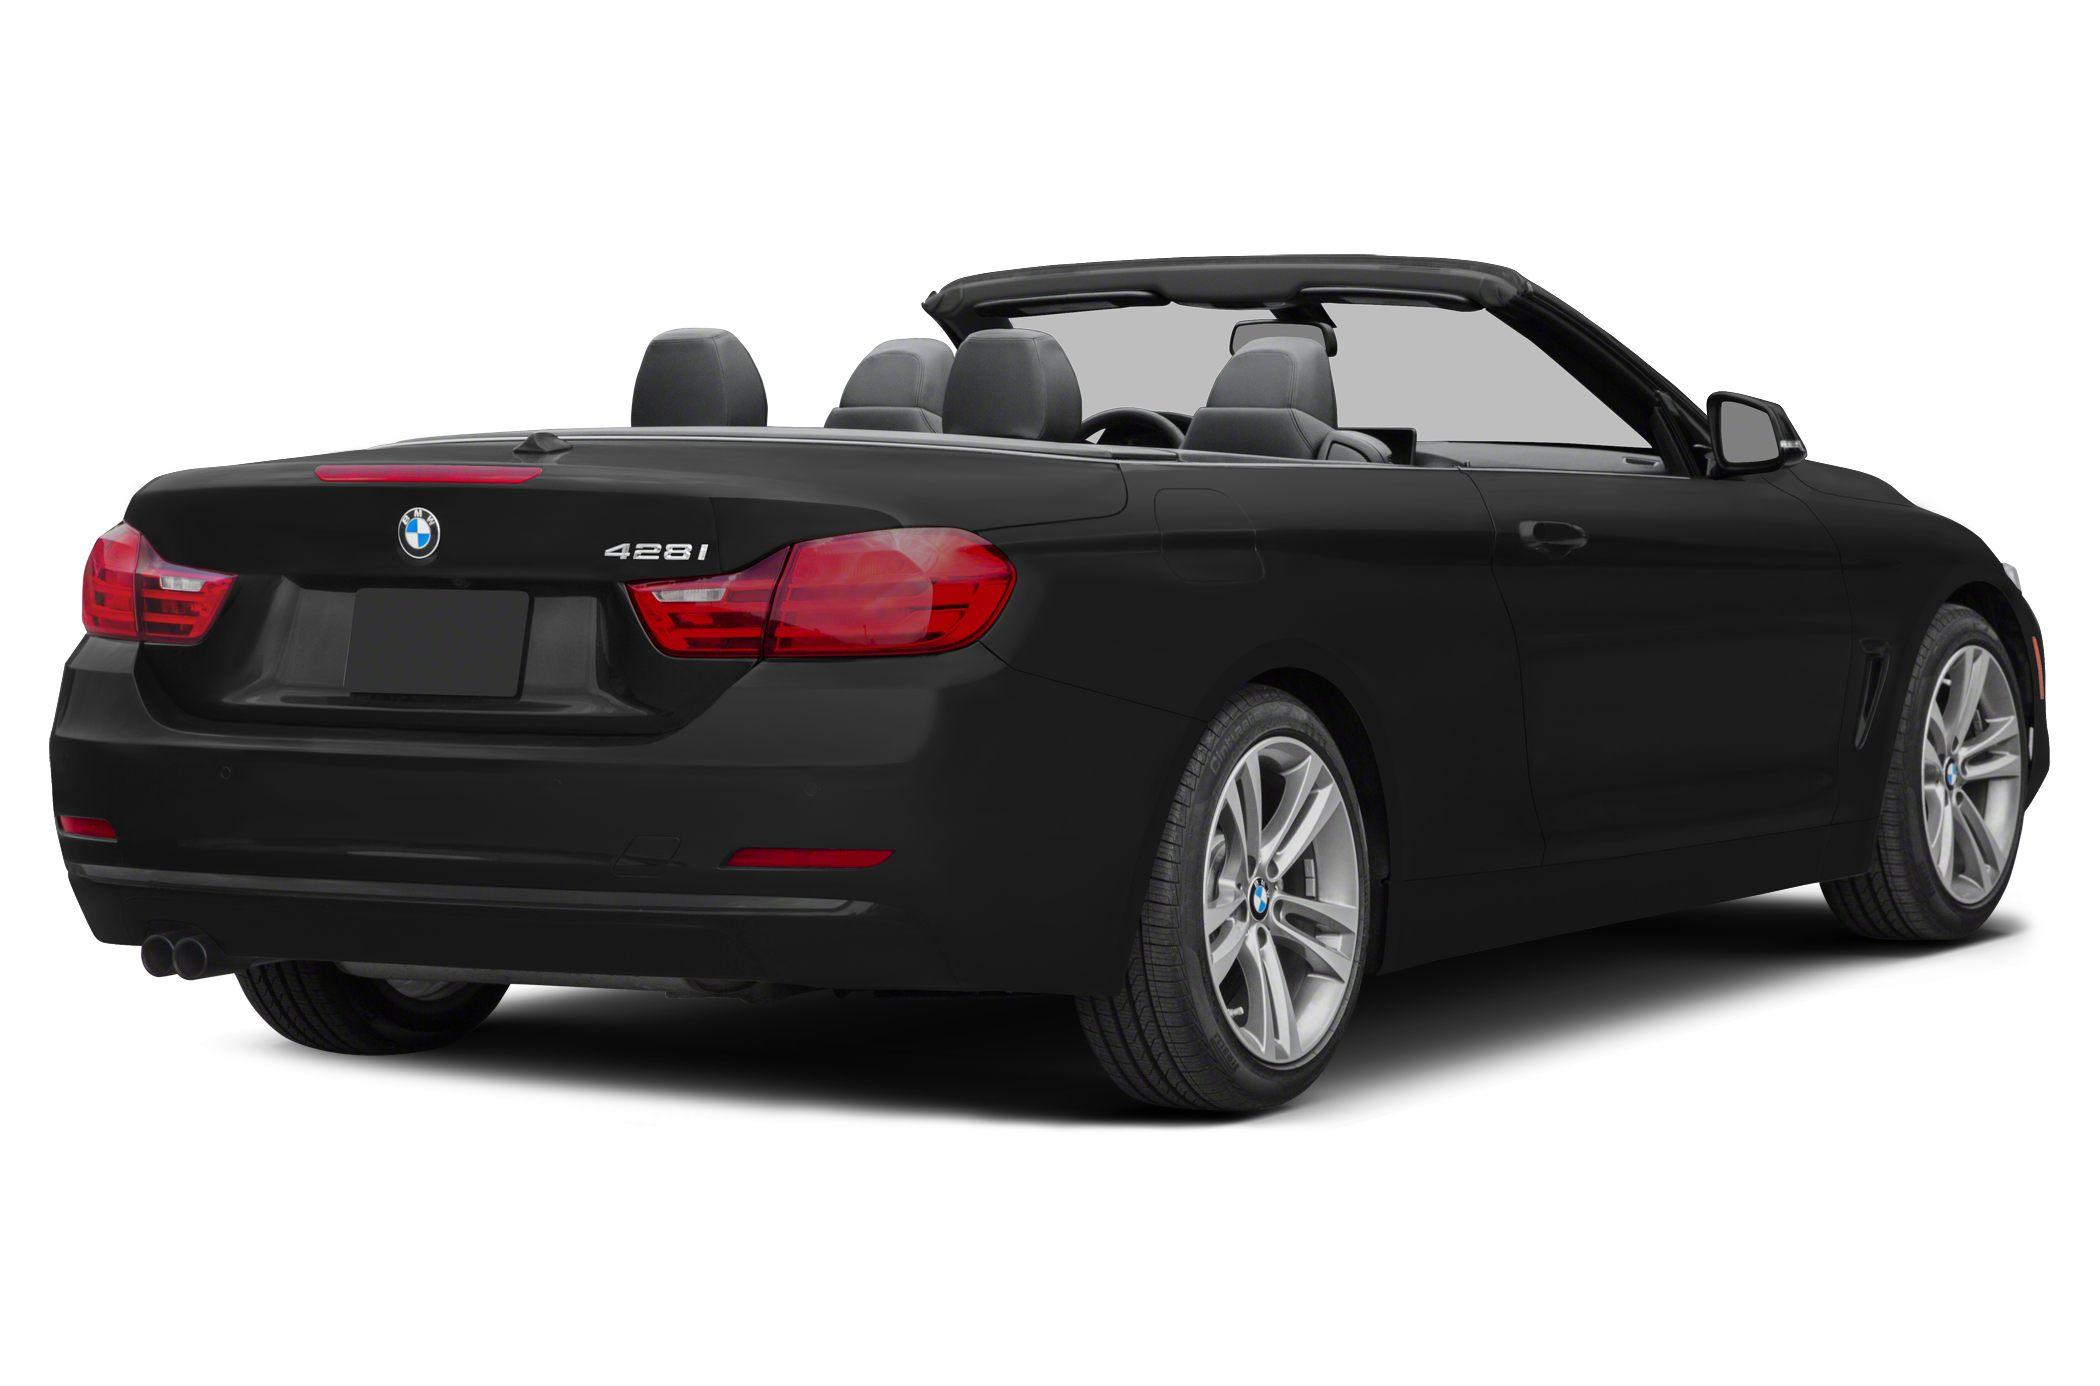 2014 BMW 428 Rear